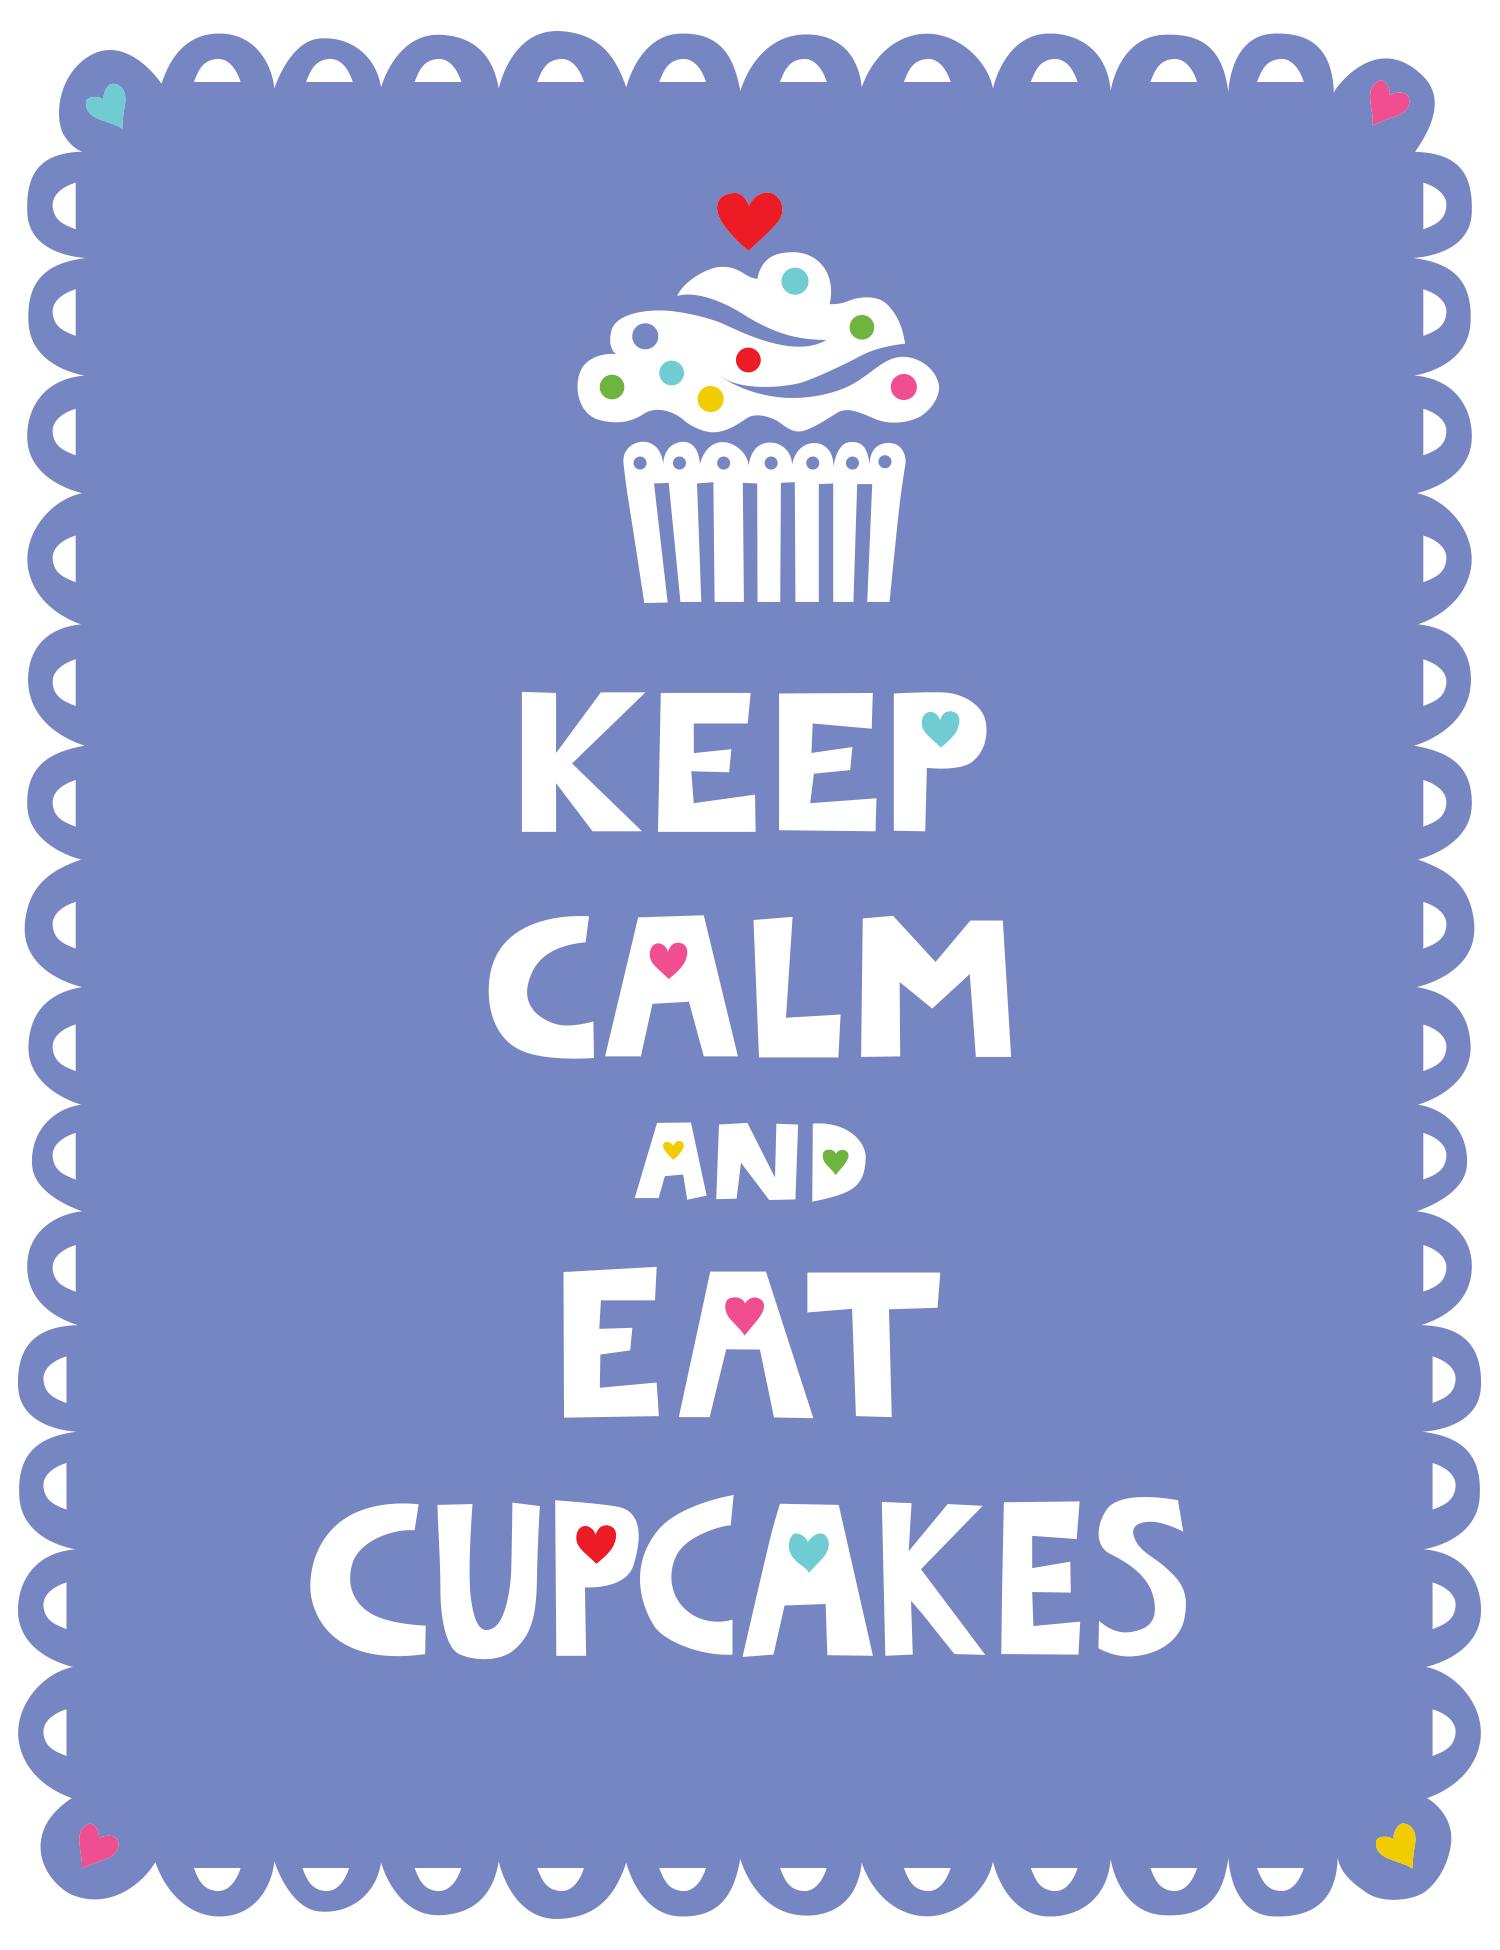 keep_calm_eat_cupcakes_type_andi_bird.png